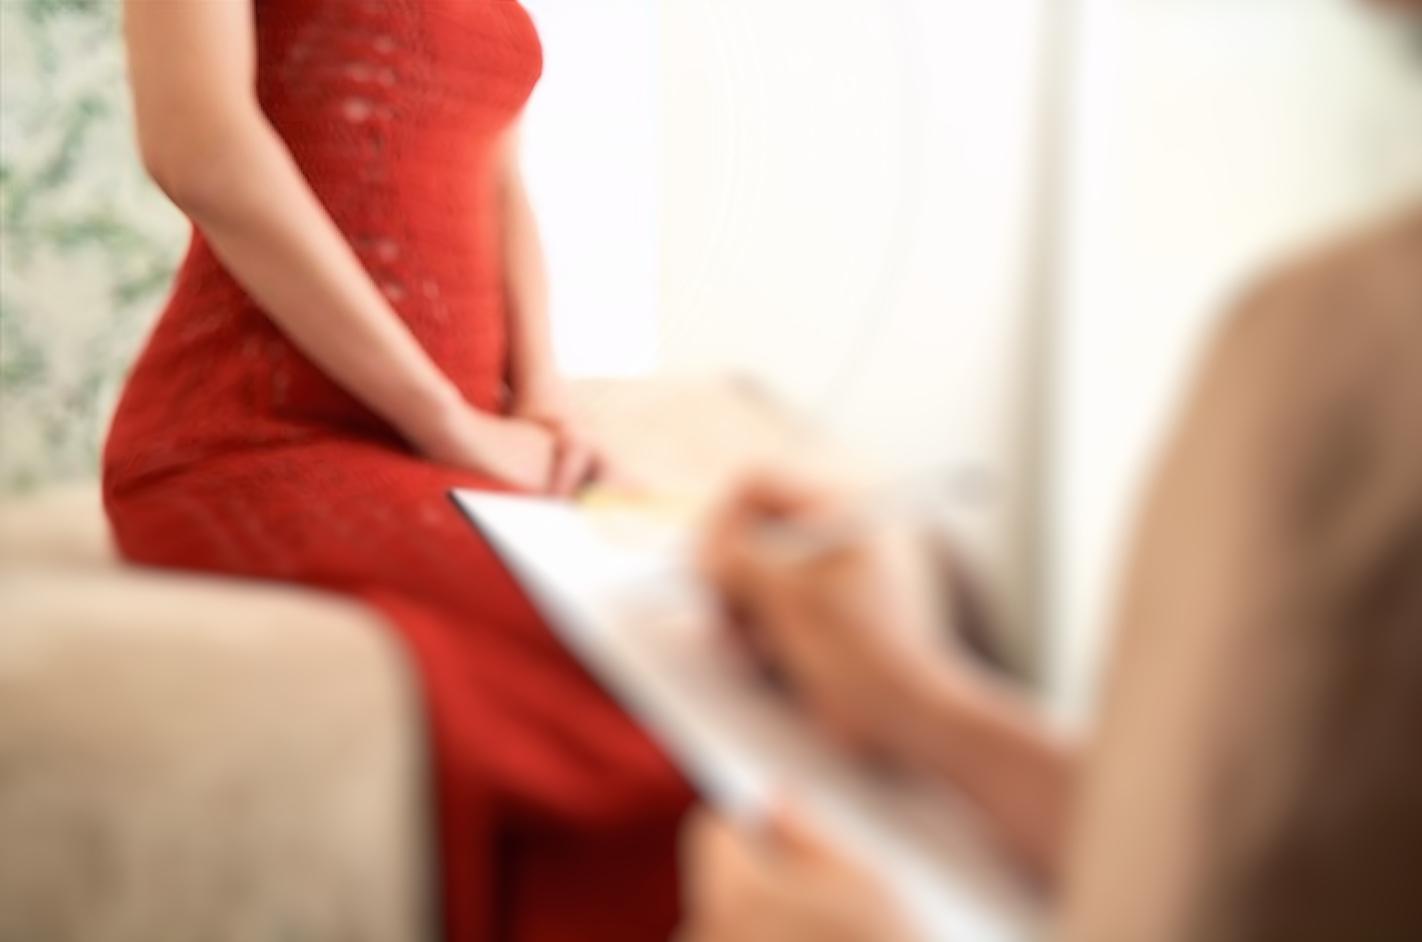 カウンセリングを受ける赤いワンピースを着た女性